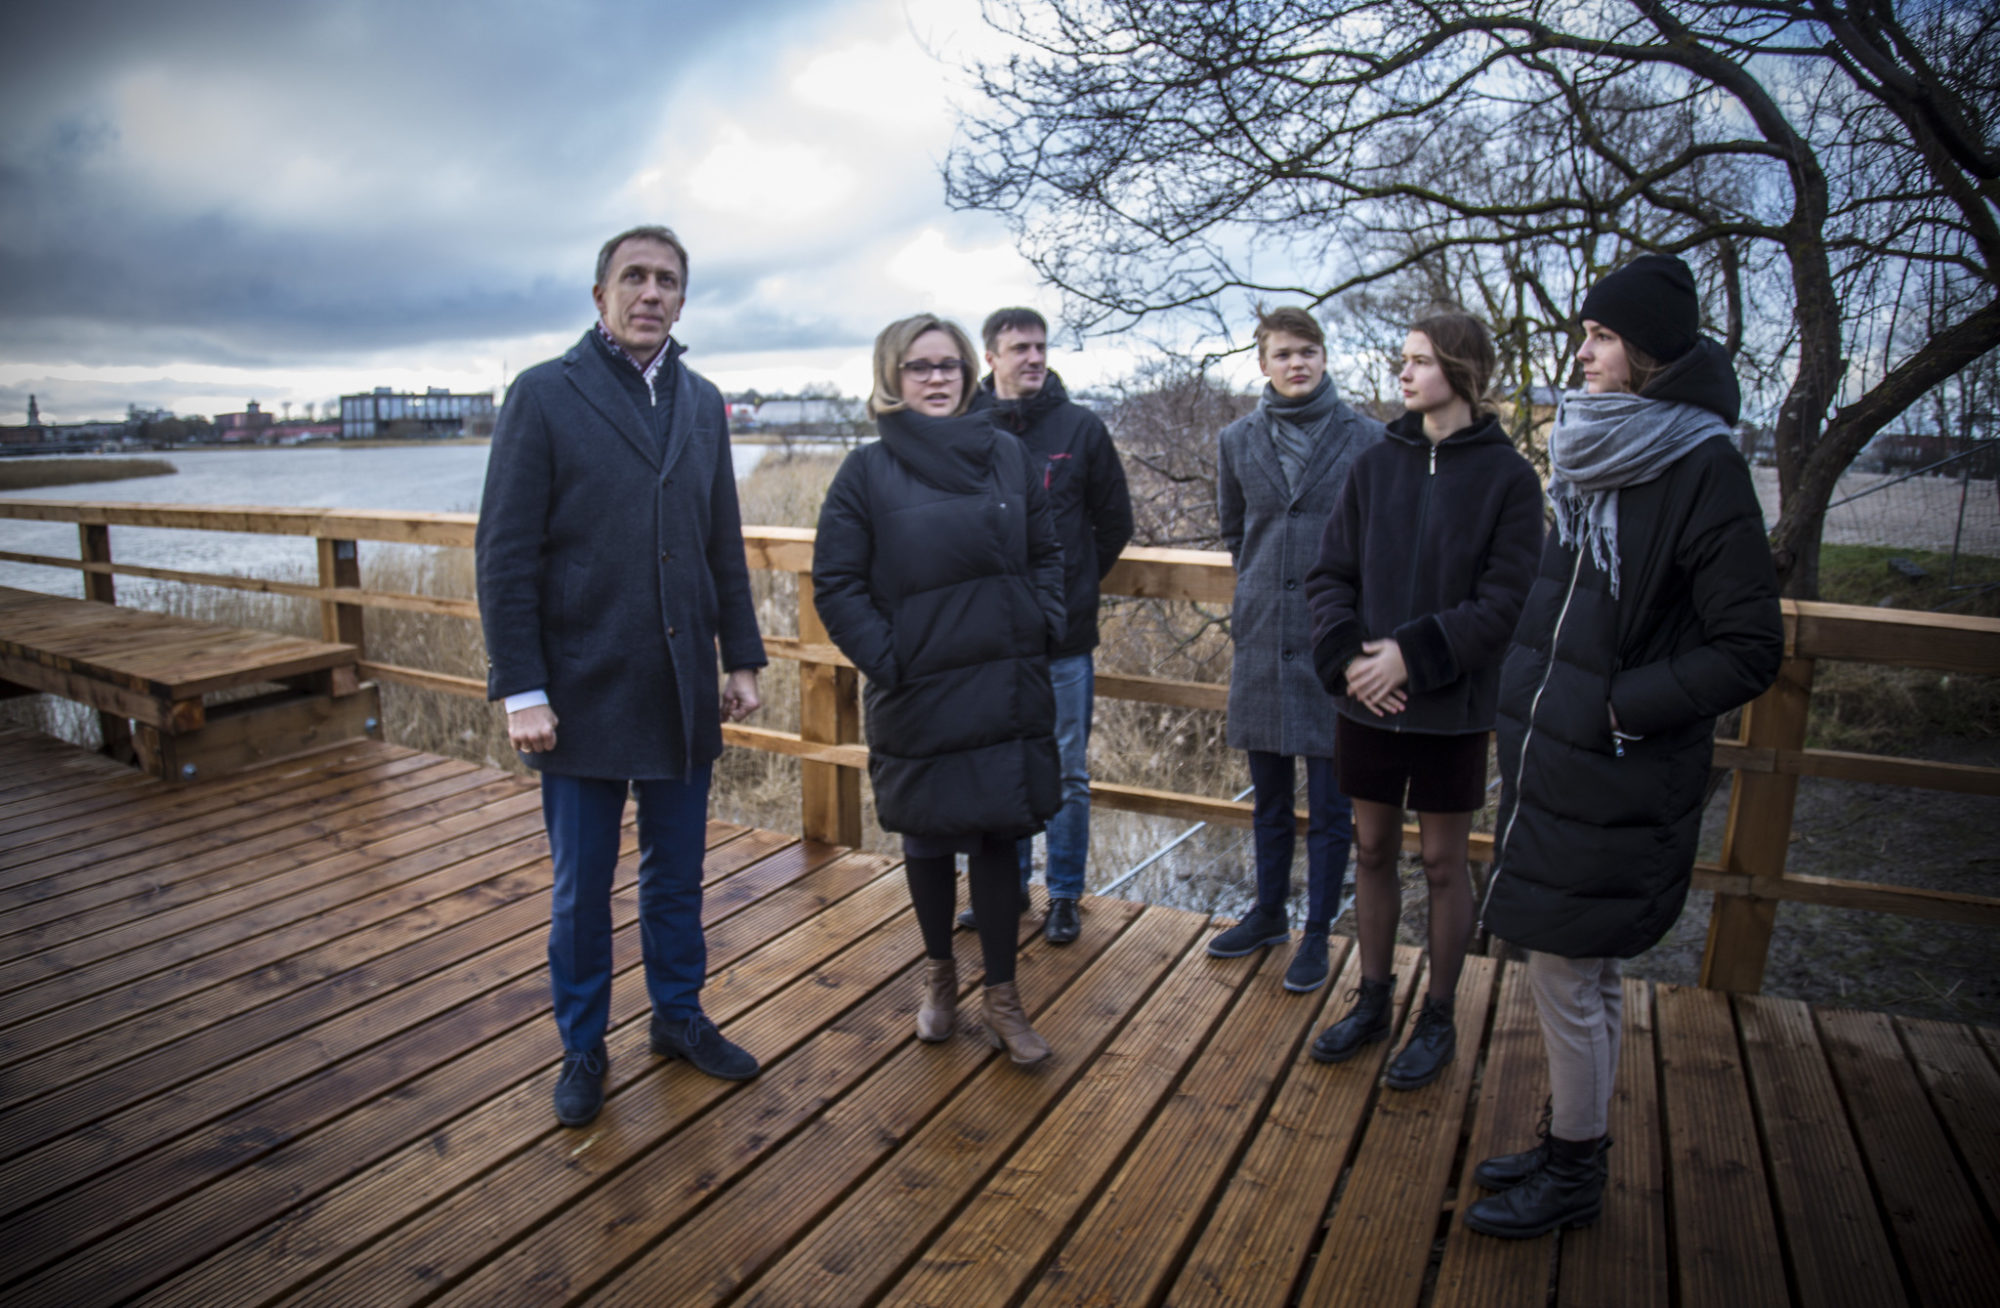 Ēnotāji Liepājā iepazīst profesijas, liela interese par domes priekšsēdētāja darbu un citiem vadošajiem amatiem